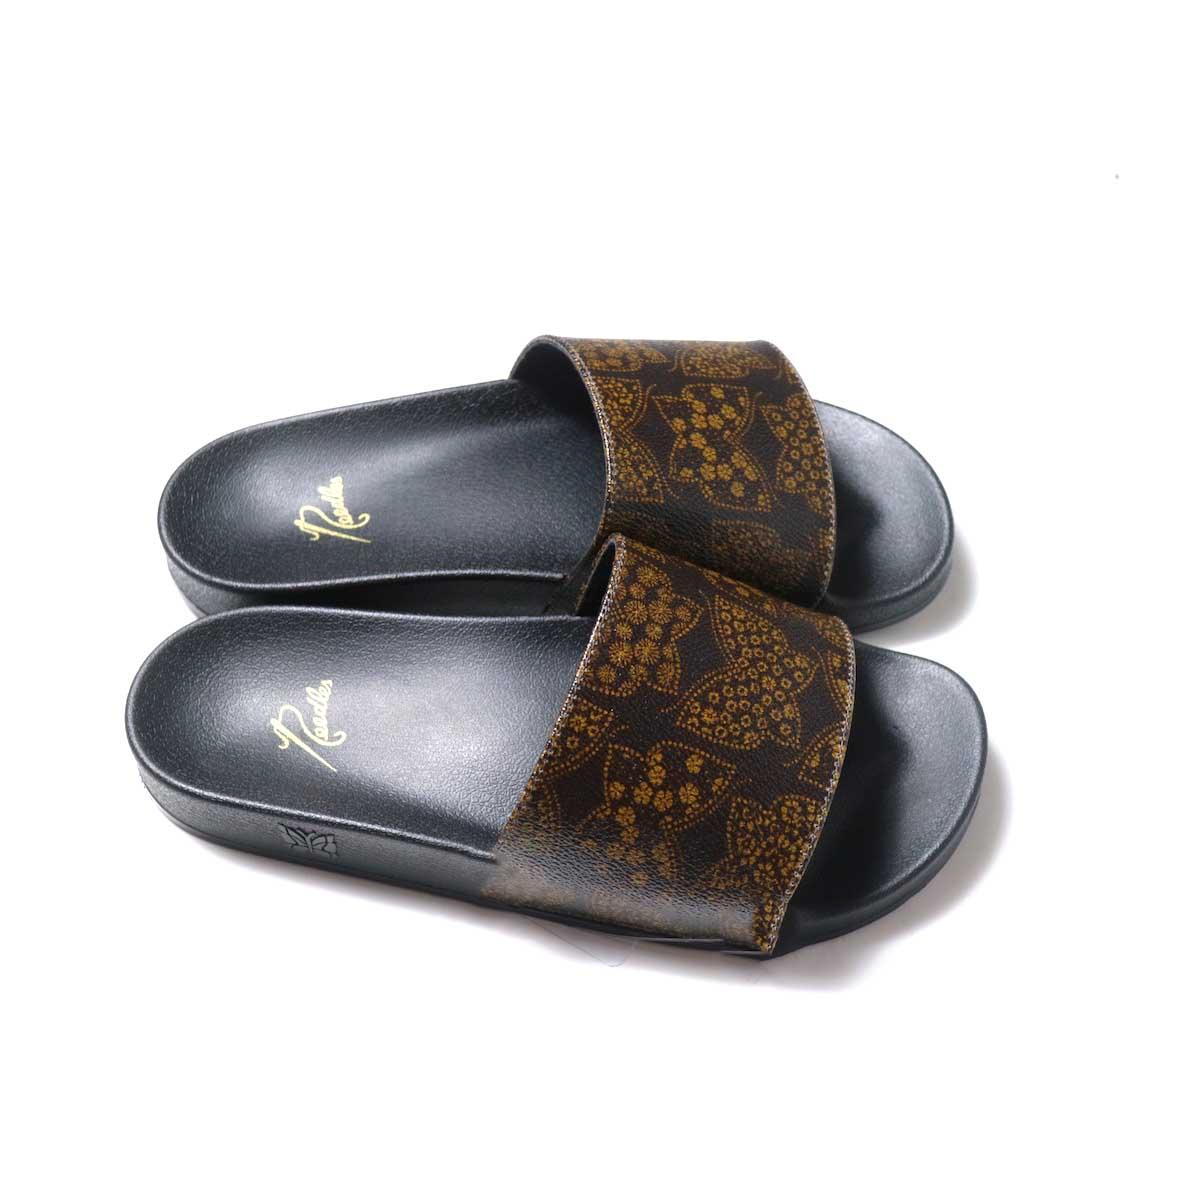 NEEDLES / Shower Sandals -Papillon PVC (Brown)横